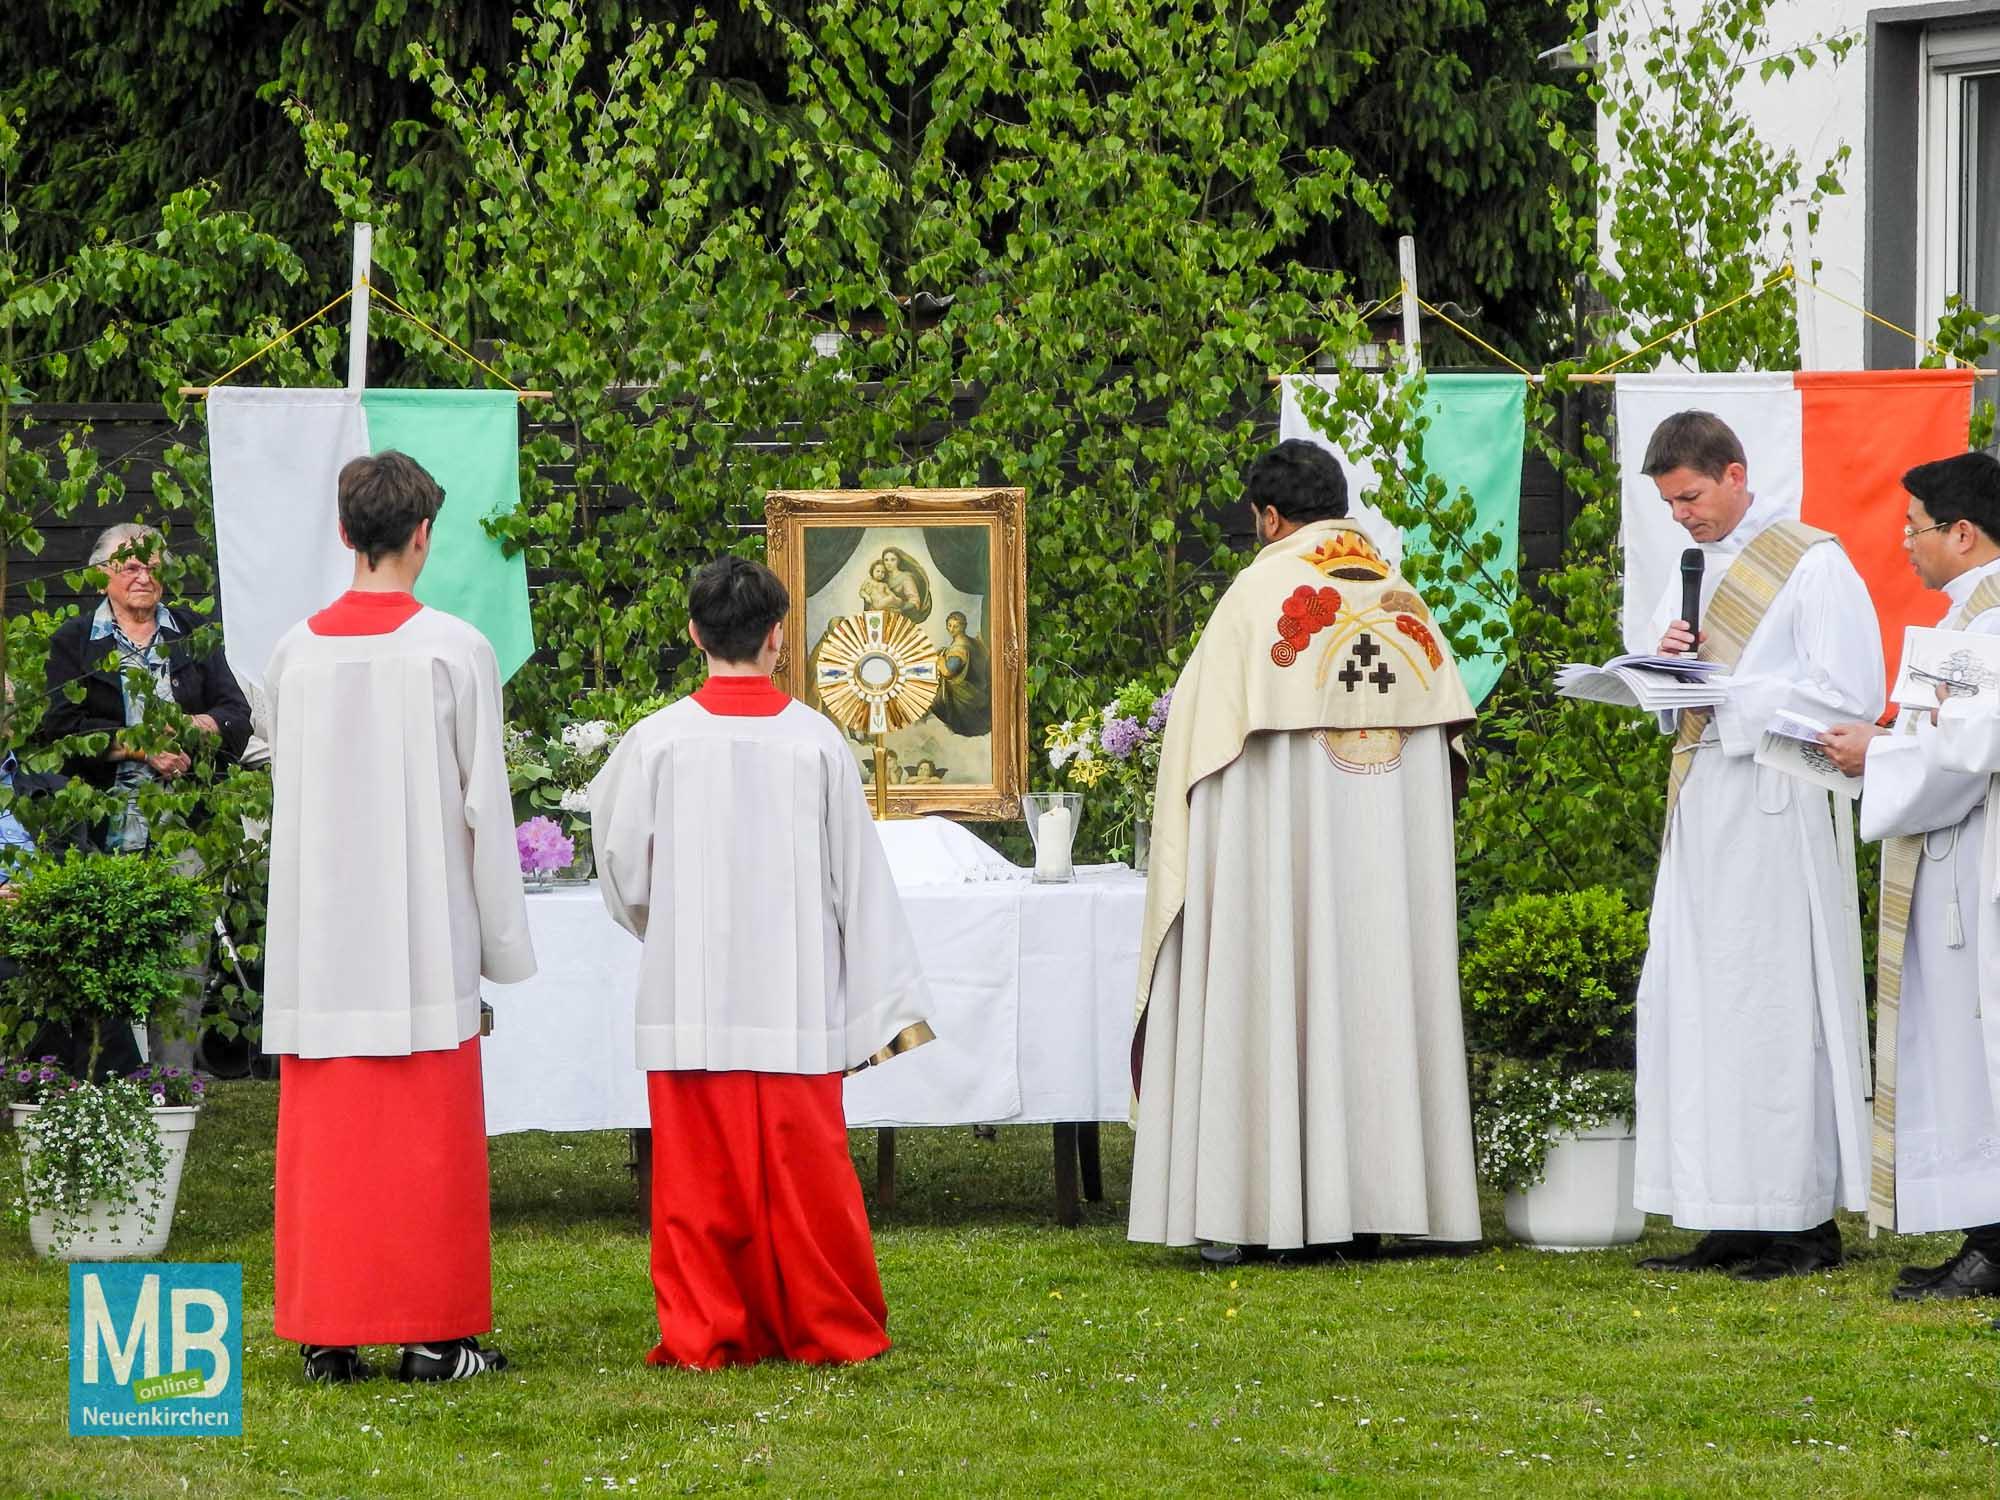 Die Prozession ist am dritten Altar an der Rilkestraße/Schillerstraße angekommen.